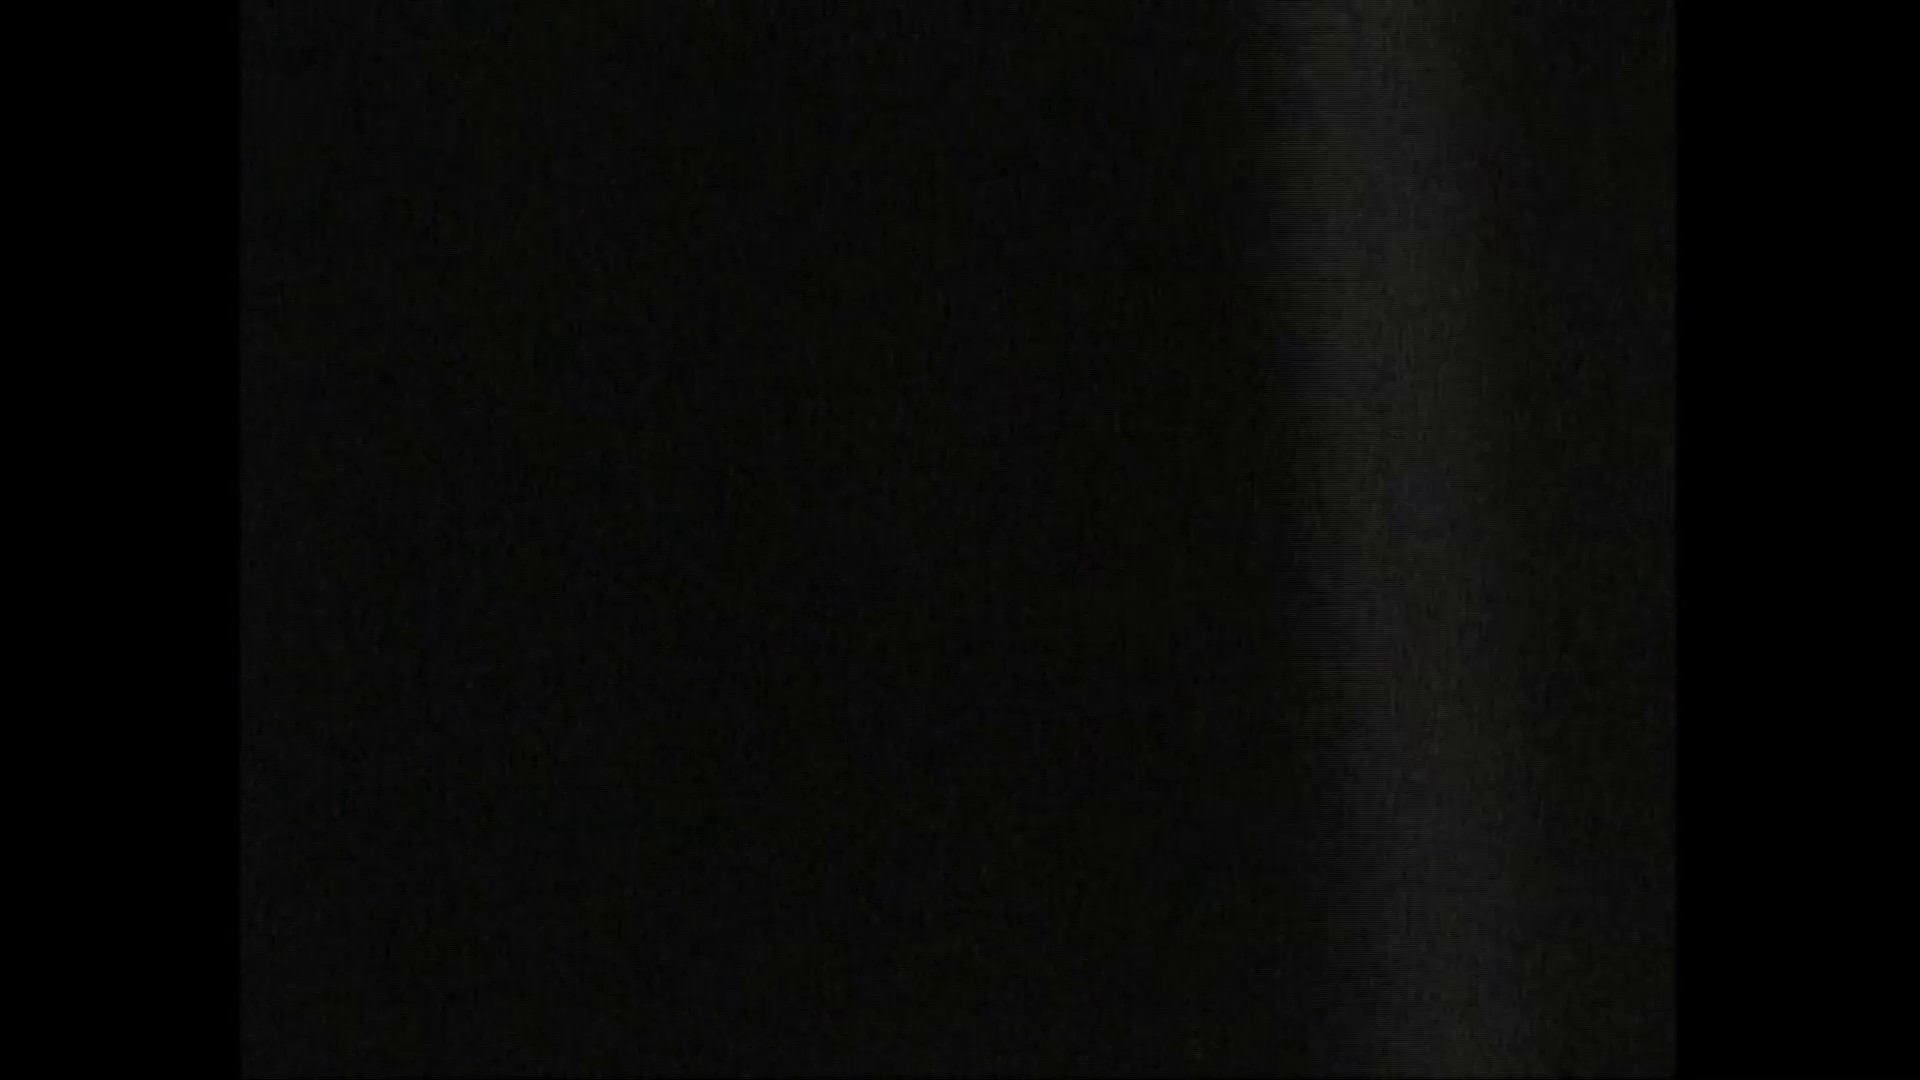 隙間からノゾク風呂 Vol.29 股をグイッとひらいて・・・。 細身体型 オメコ無修正動画無料 76枚 67